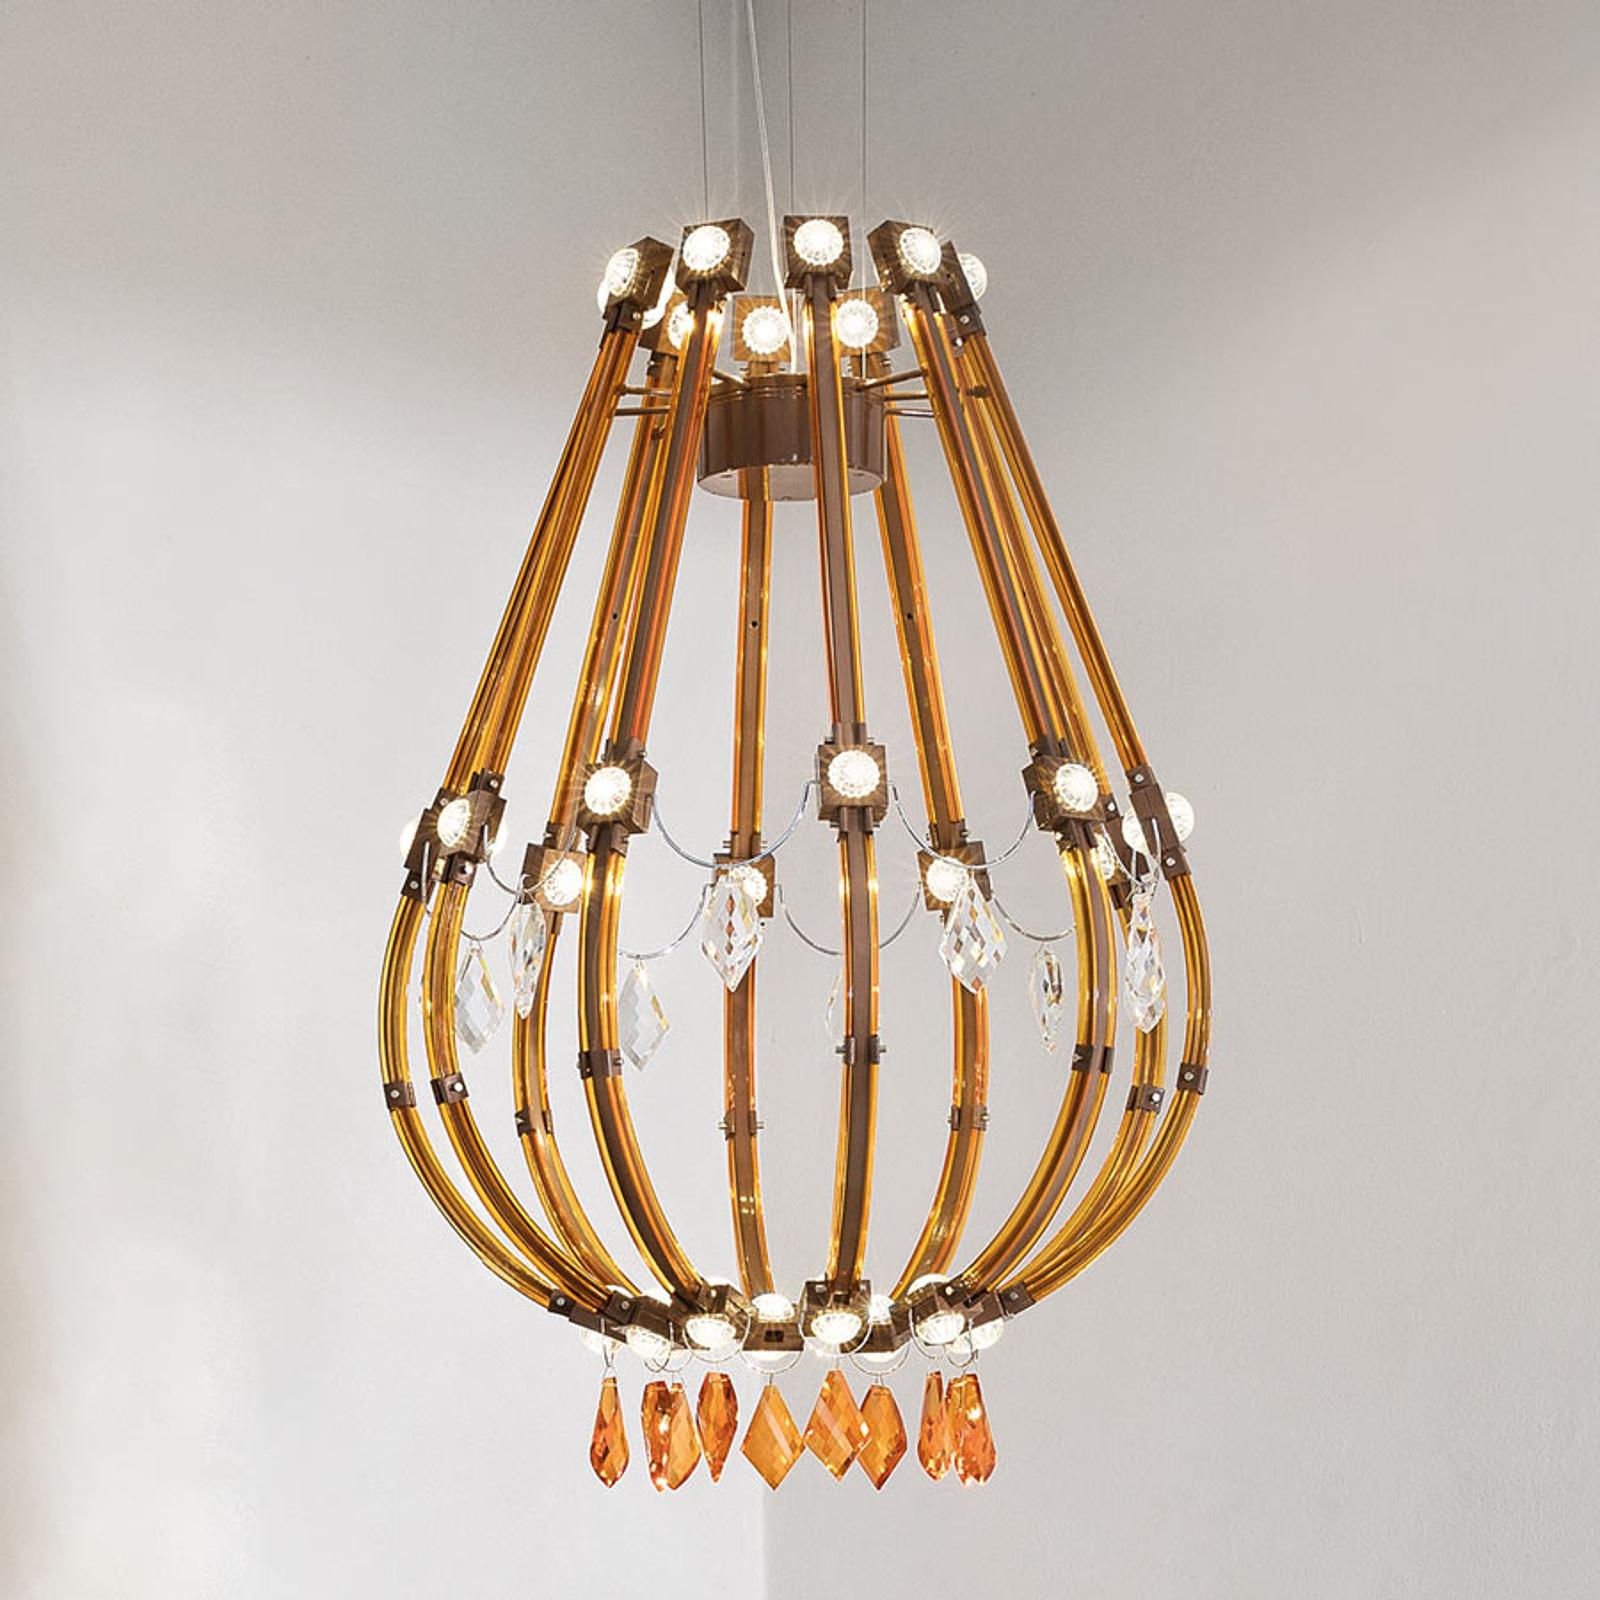 Braun-orangefarbene LED-Hängeleuchte Raqam E